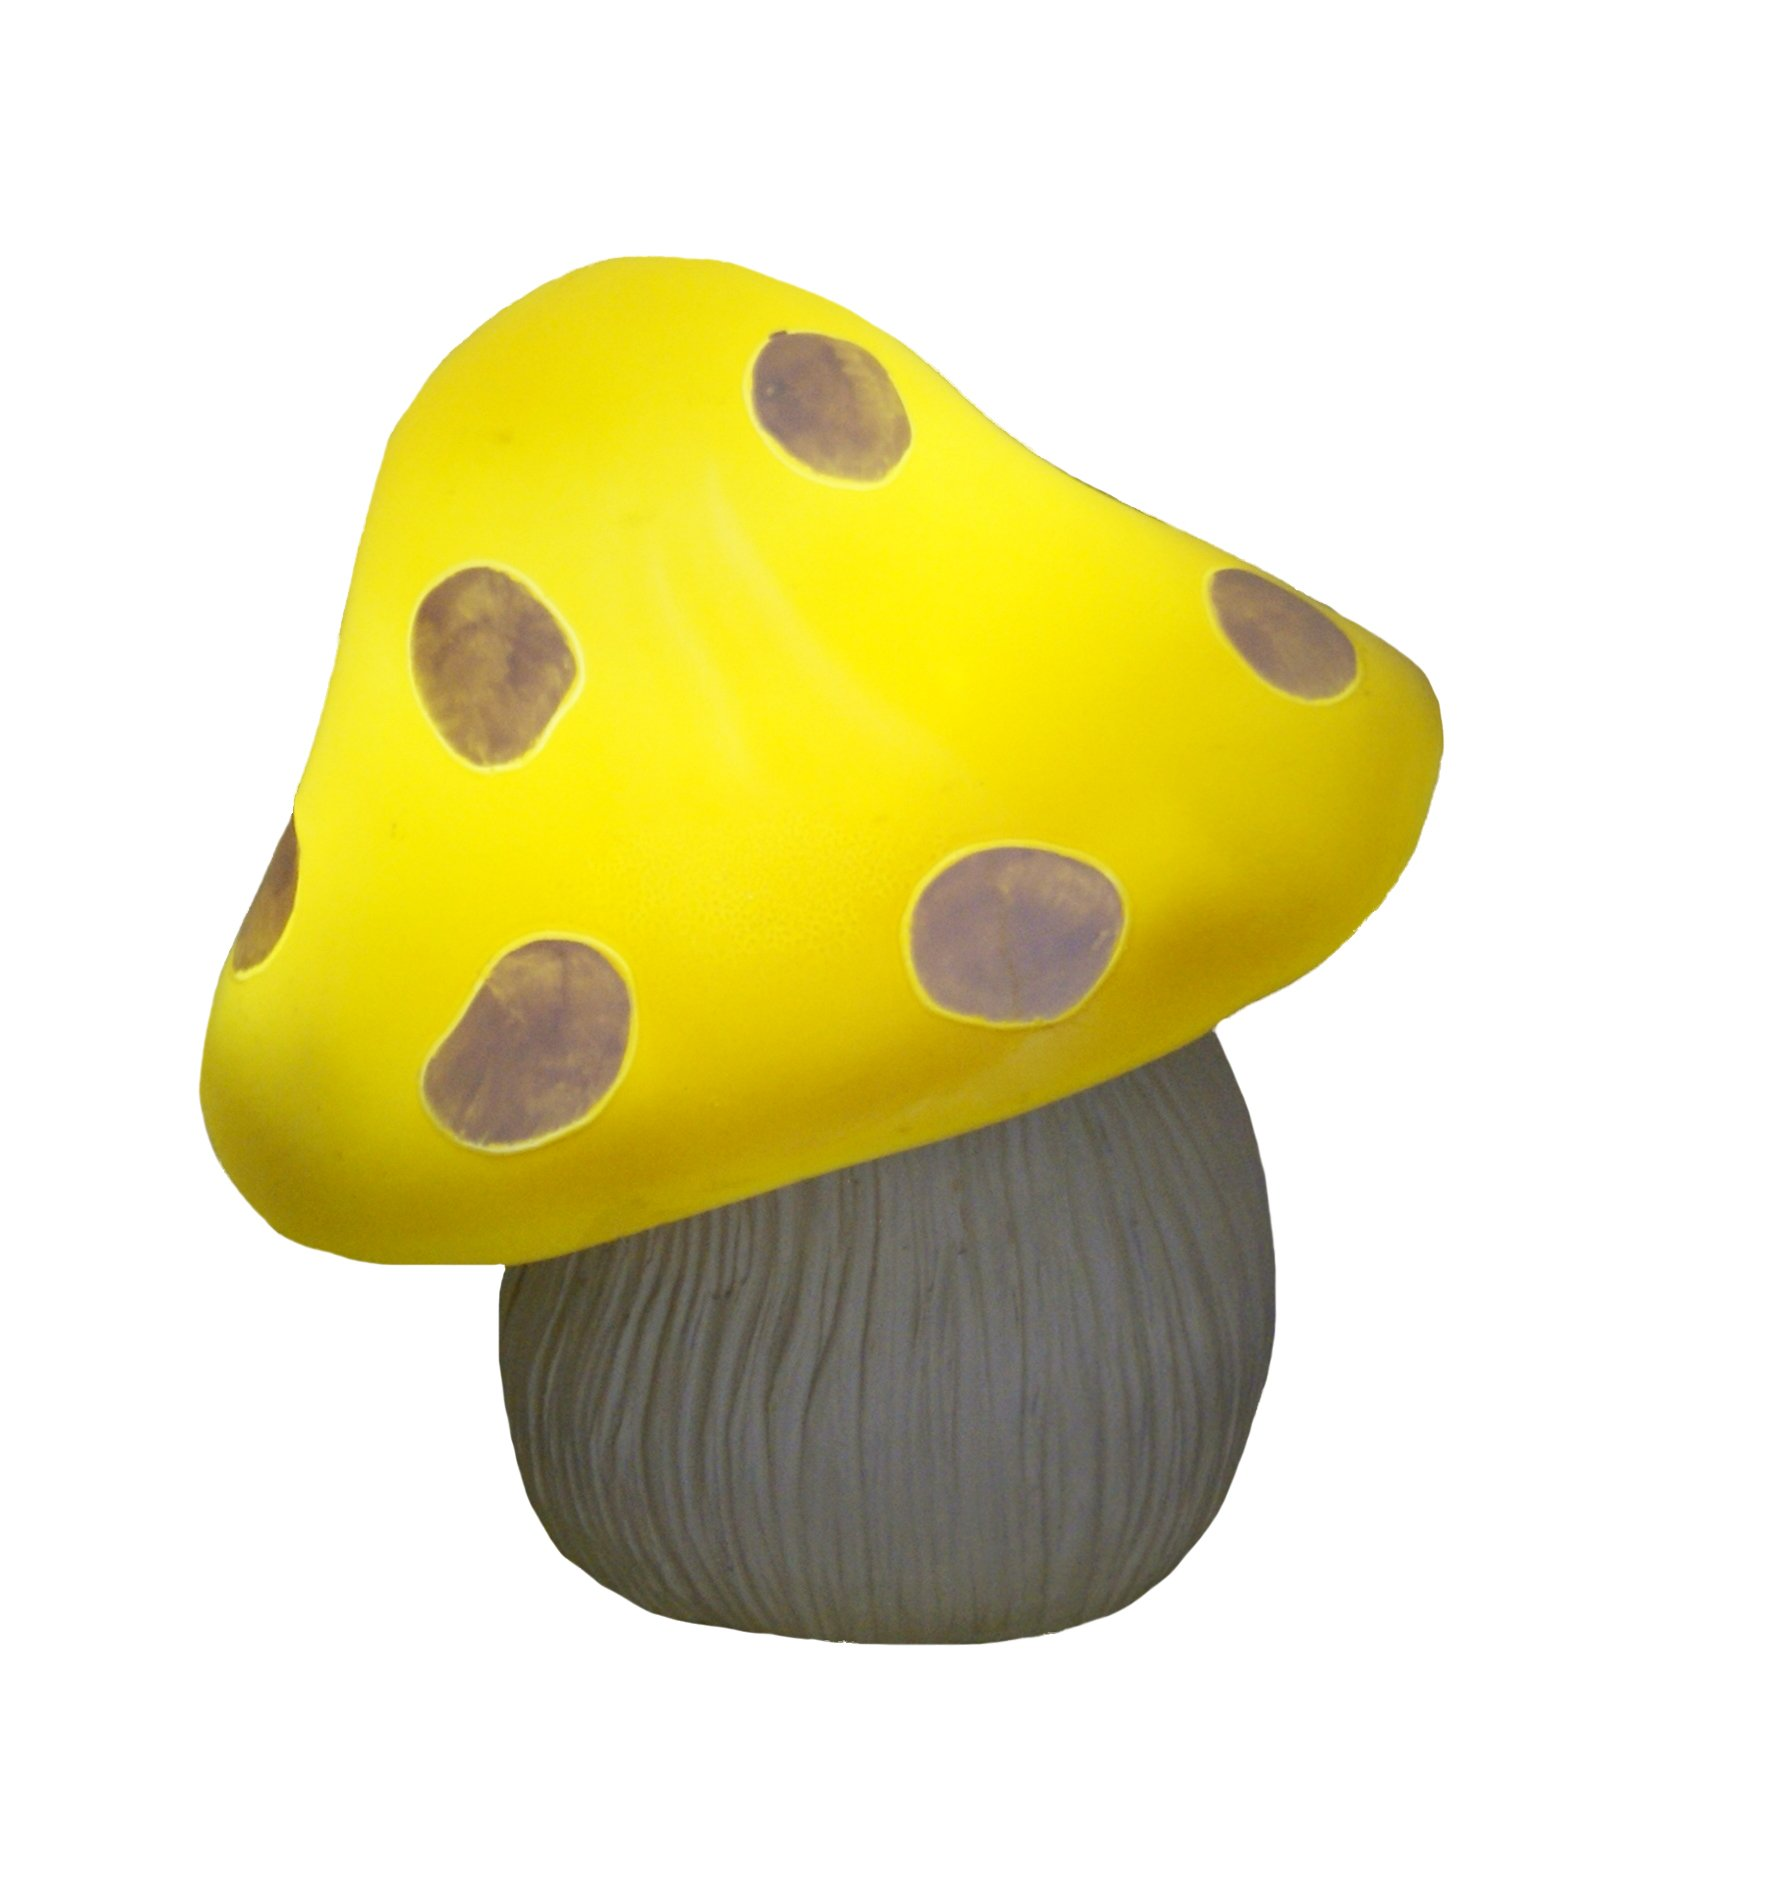 TIAAN 12'' Yellow Solar mushroom LED light Garden mushroom